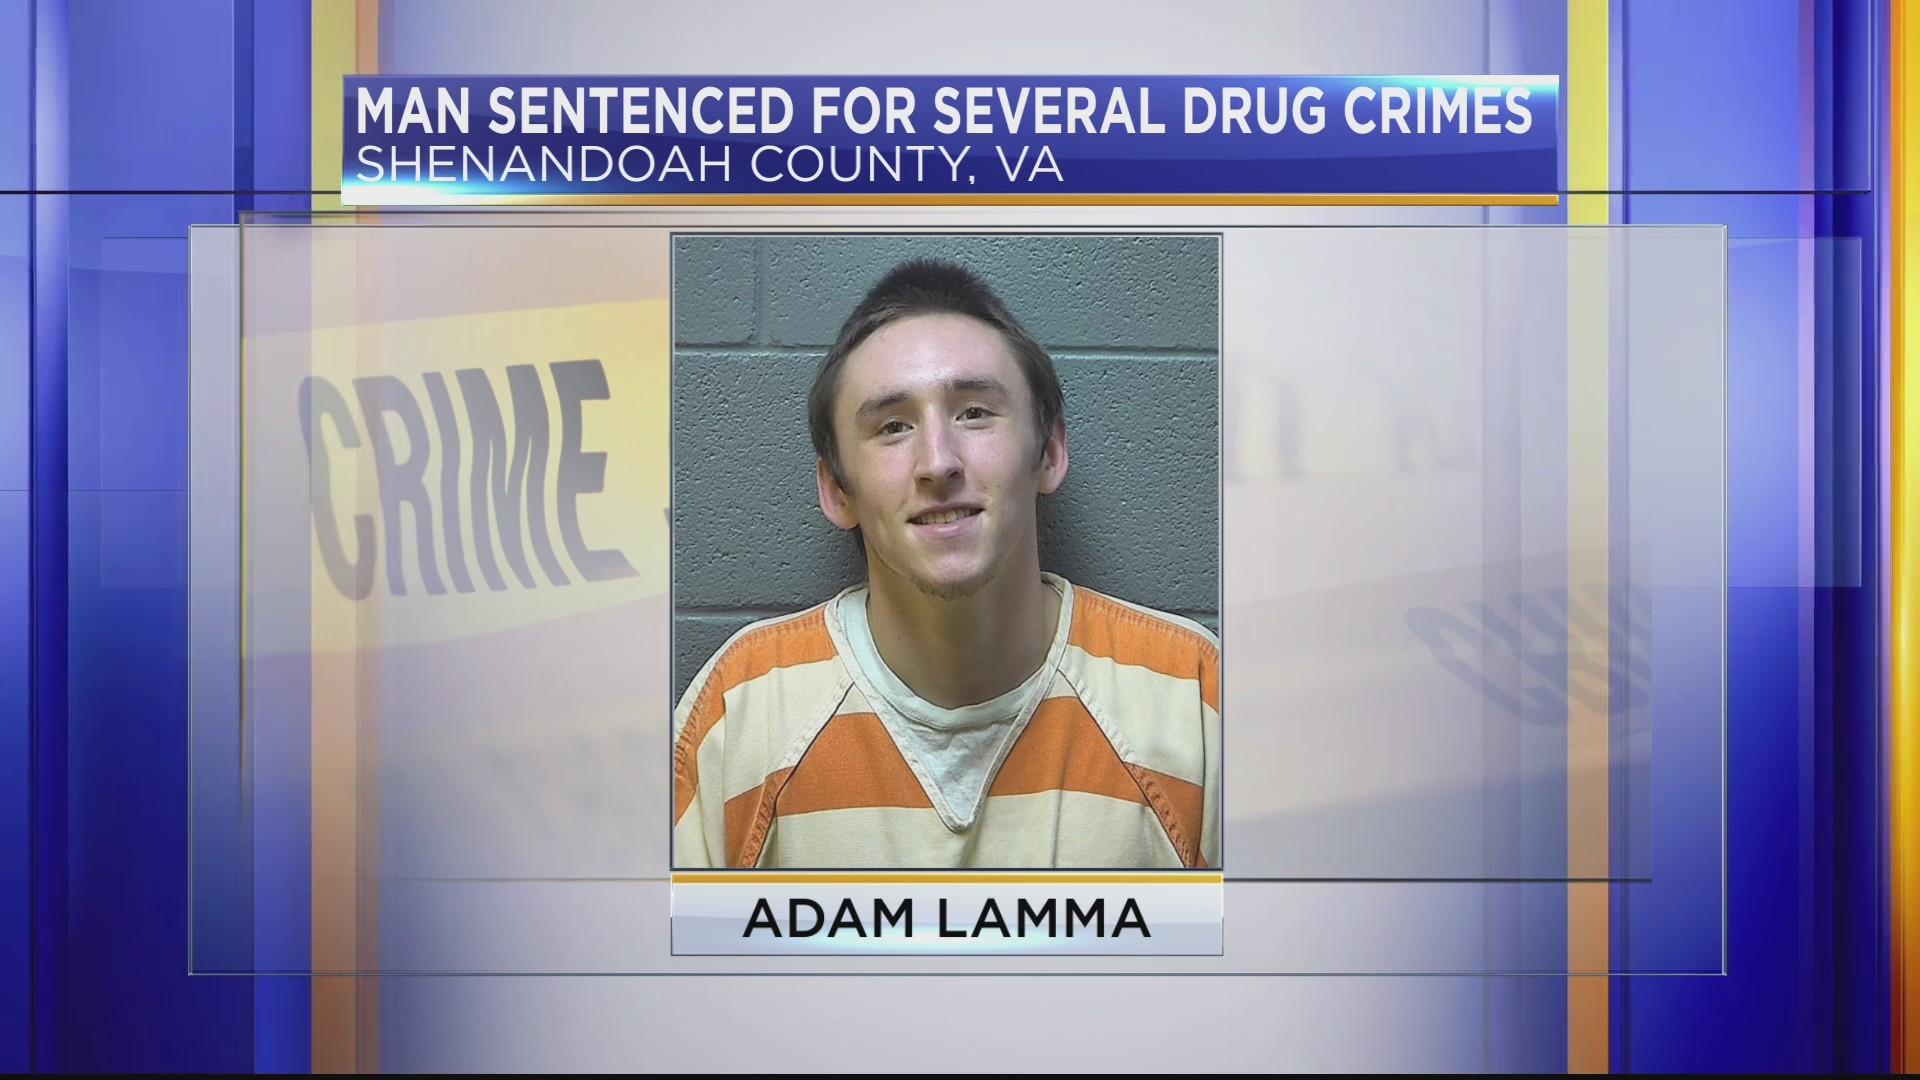 DRUG CRIMES SENTENCING